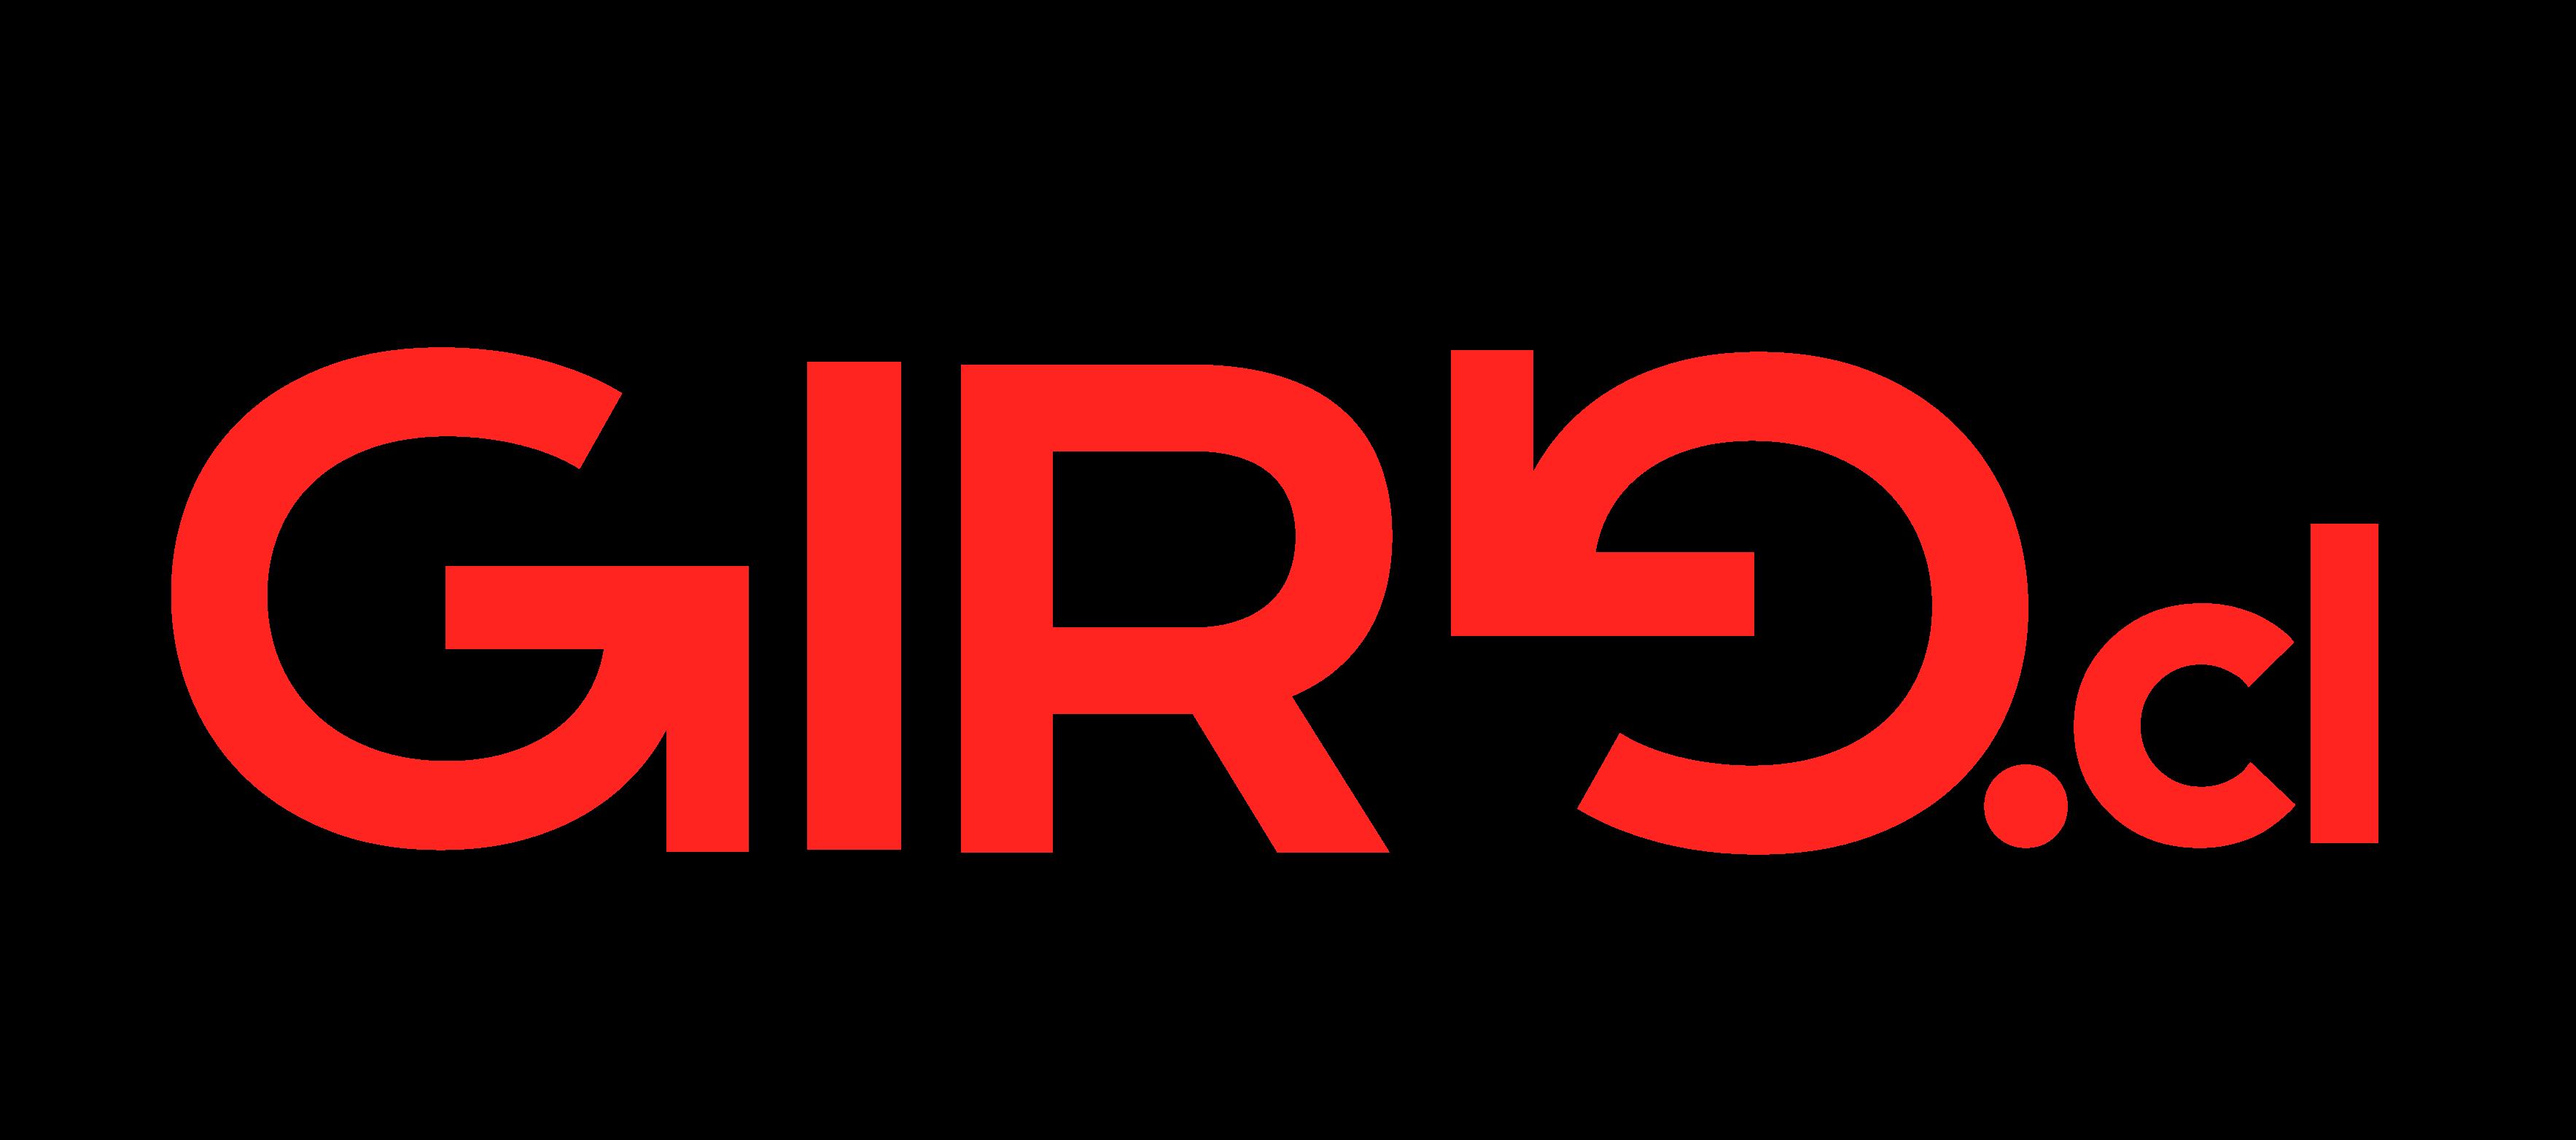 Empresas Desafio10x: Comunicación y Giro Estrategico Ltda